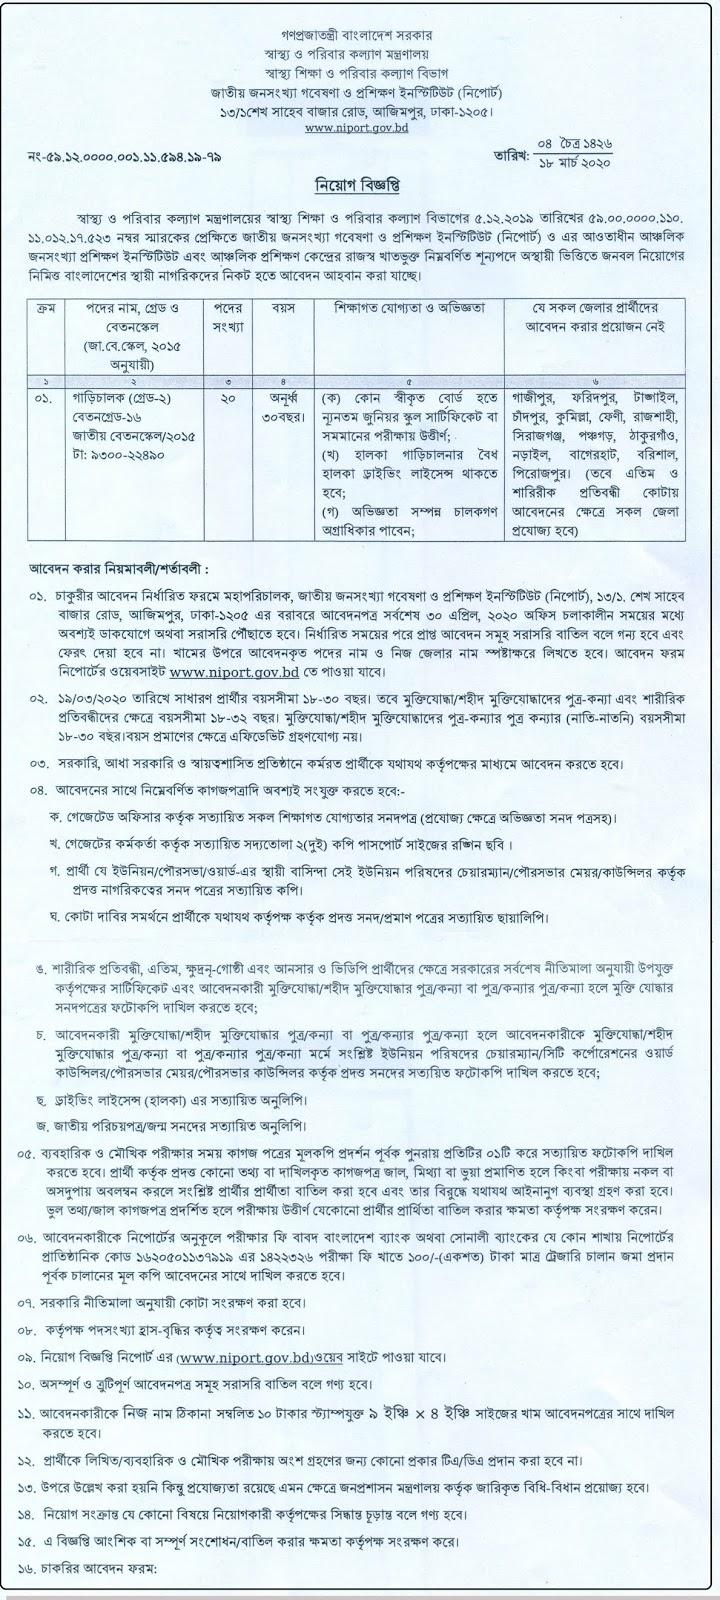 স্বাস্থ্য ও পরিবার কল্যাণ মন্ত্রণালয় চাকরির নিয়োগ বিজ্ঞপ্তি ২০২০-Ministry of Health and Family Welfare Job Circular 2020